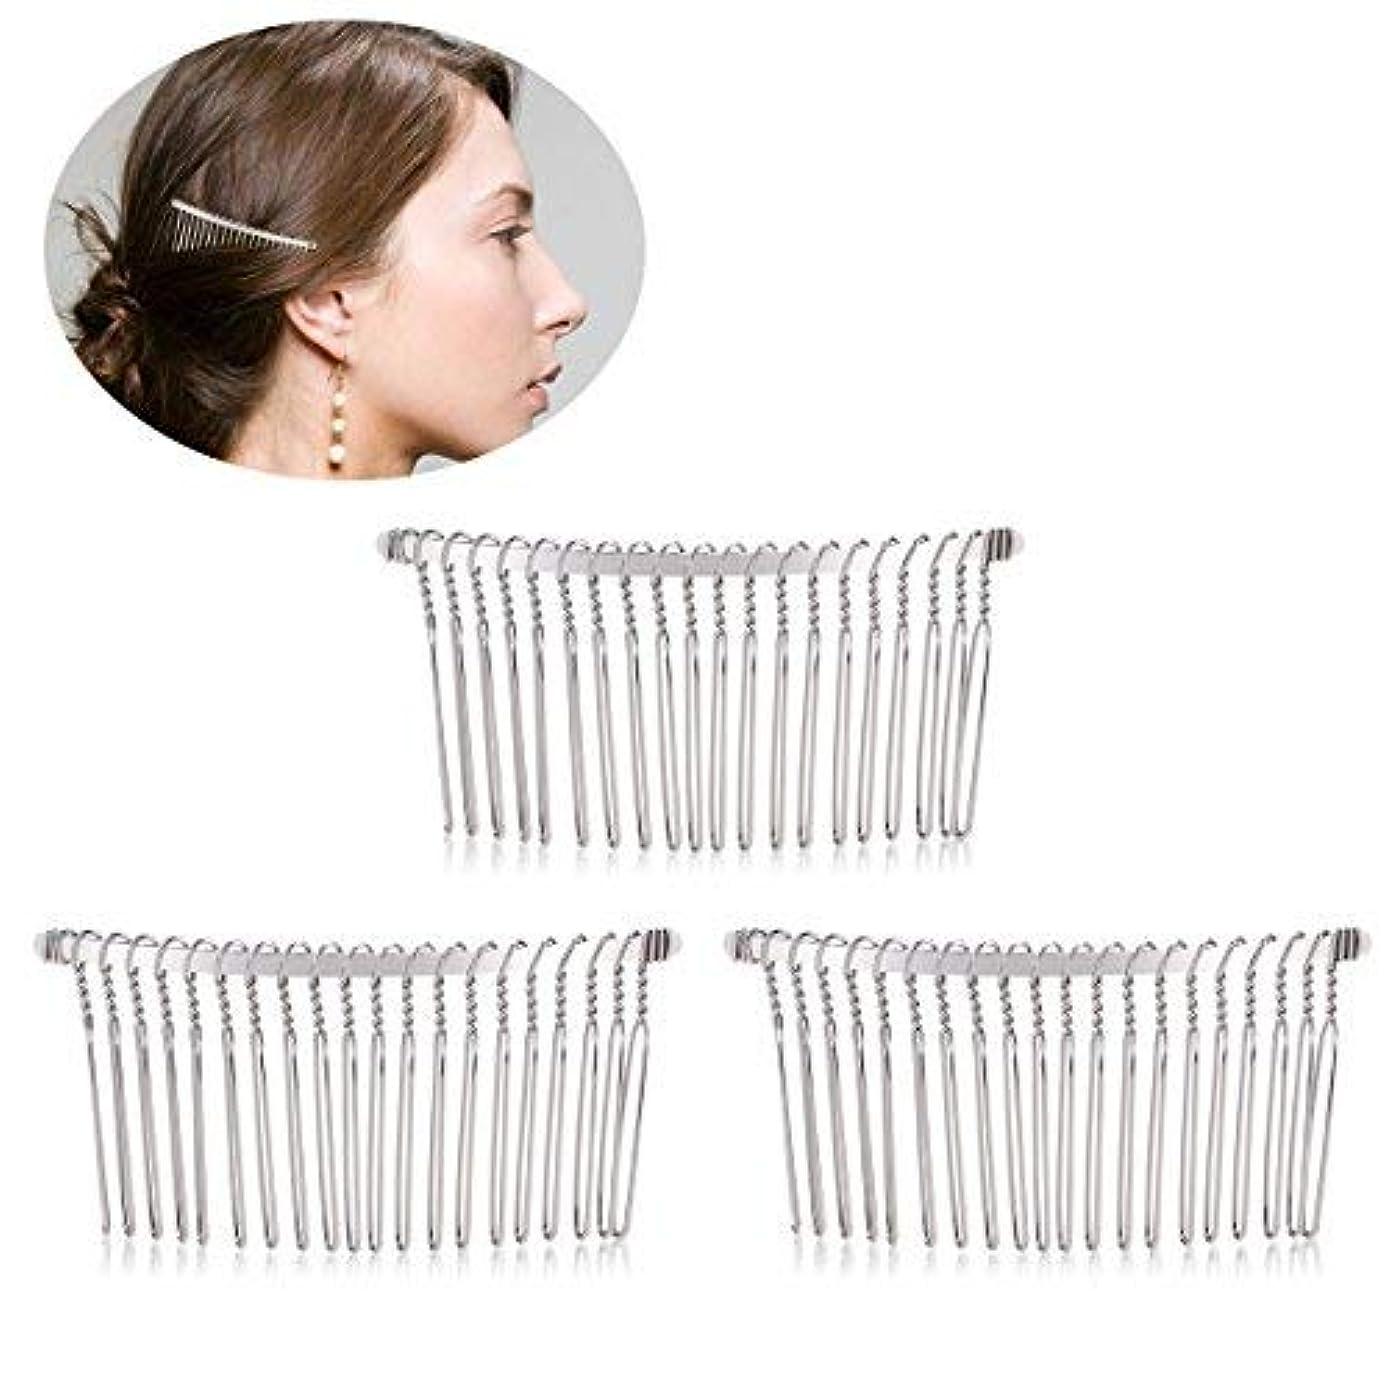 サンプル製油所知事Pixnor 3pcs 7.8cm 20 Teeth Fancy DIY Metal Wire Hair Clip Combs Bridal Wedding Veil Combs (Silver) [並行輸入品]